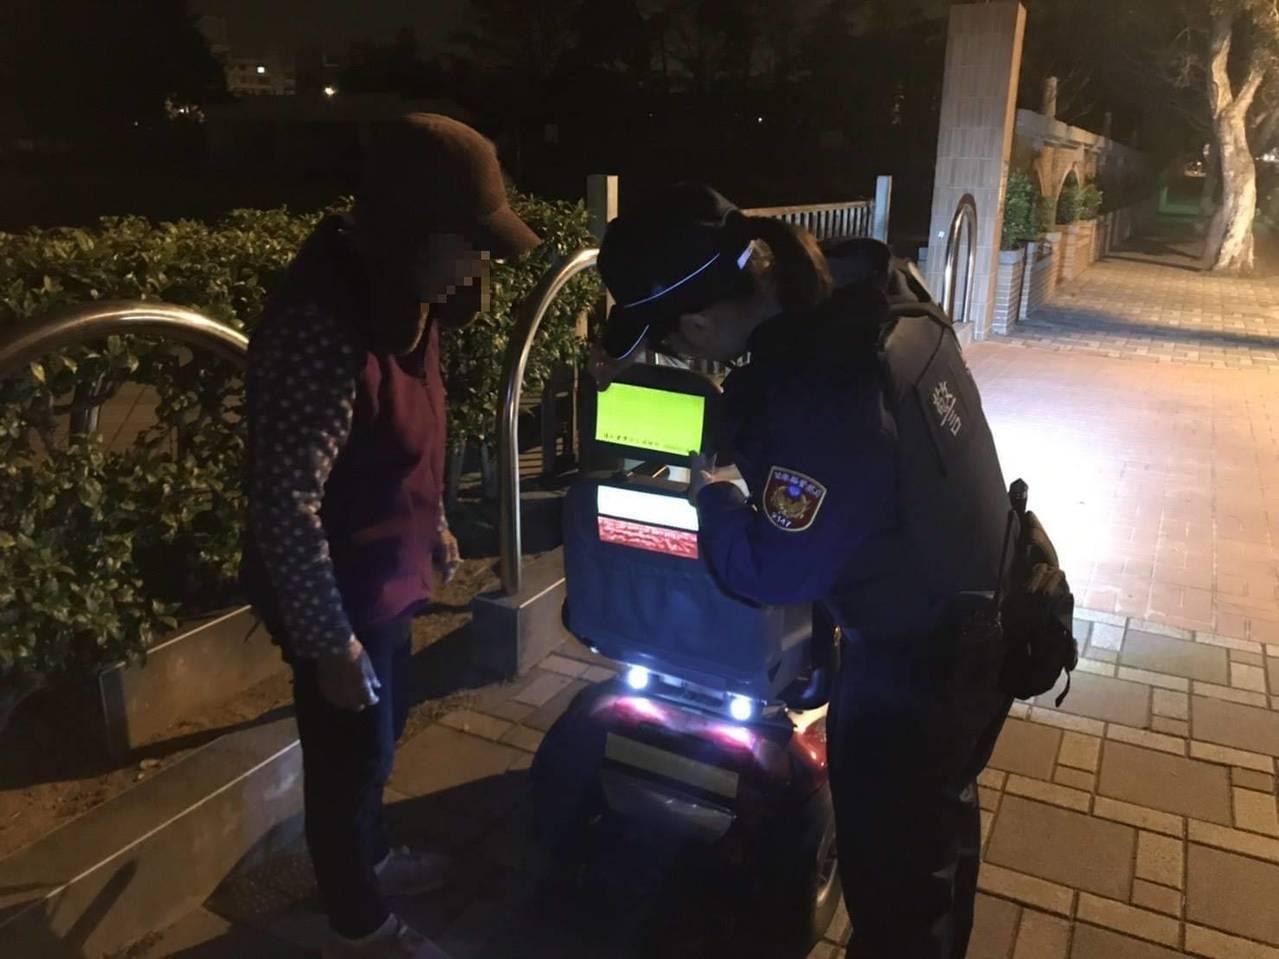 苗栗縣警局「點亮高齡者」執行計畫,幫電動代步車貼螢光條。圖/苗栗縣警局提供